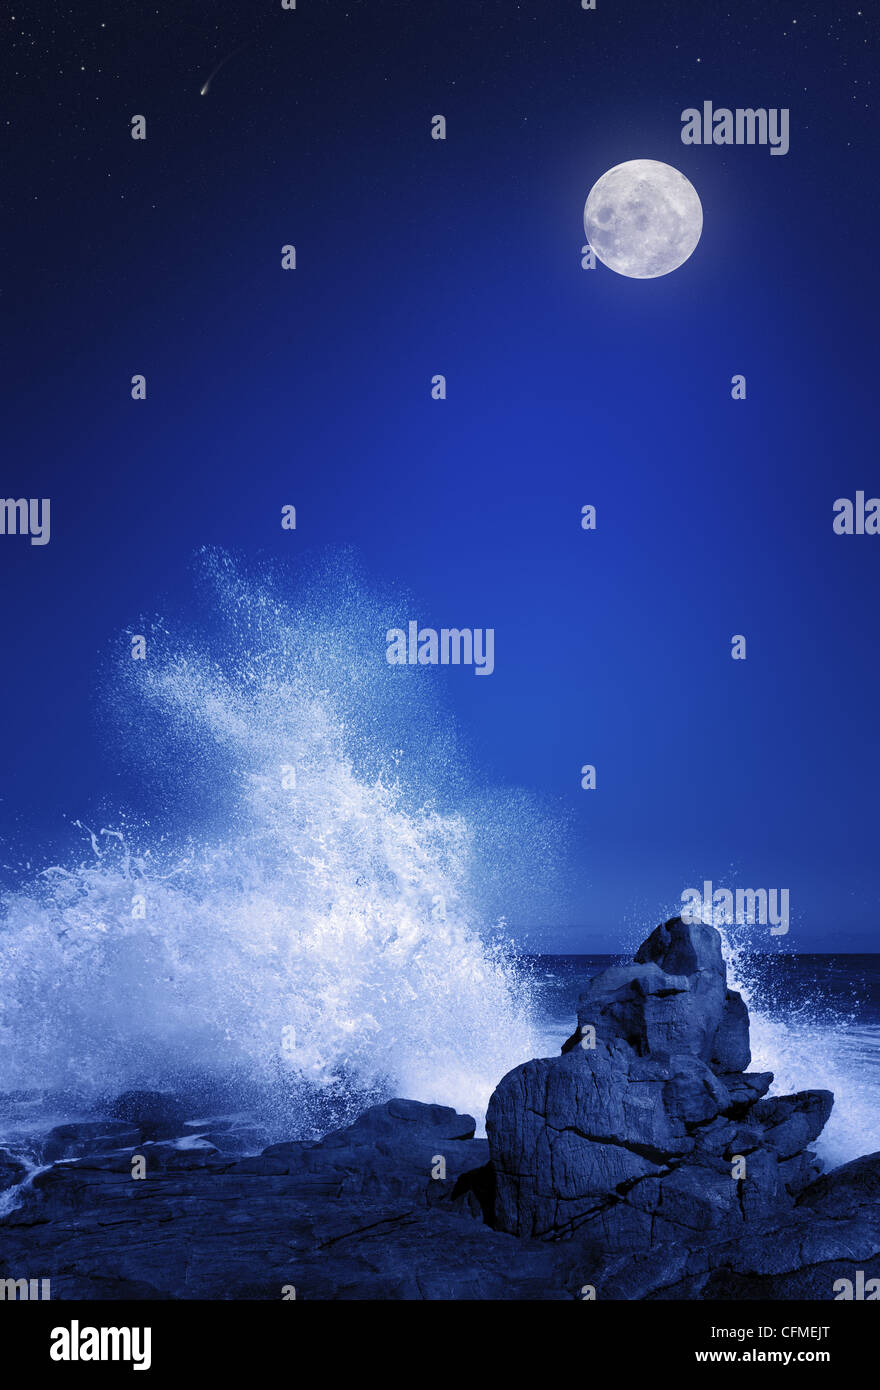 Luna che sorge sulla costa rocciosa (elementi di questa immagine fornita da NASA: moonmap http://visibleearth.nasa.gov) Immagini Stock